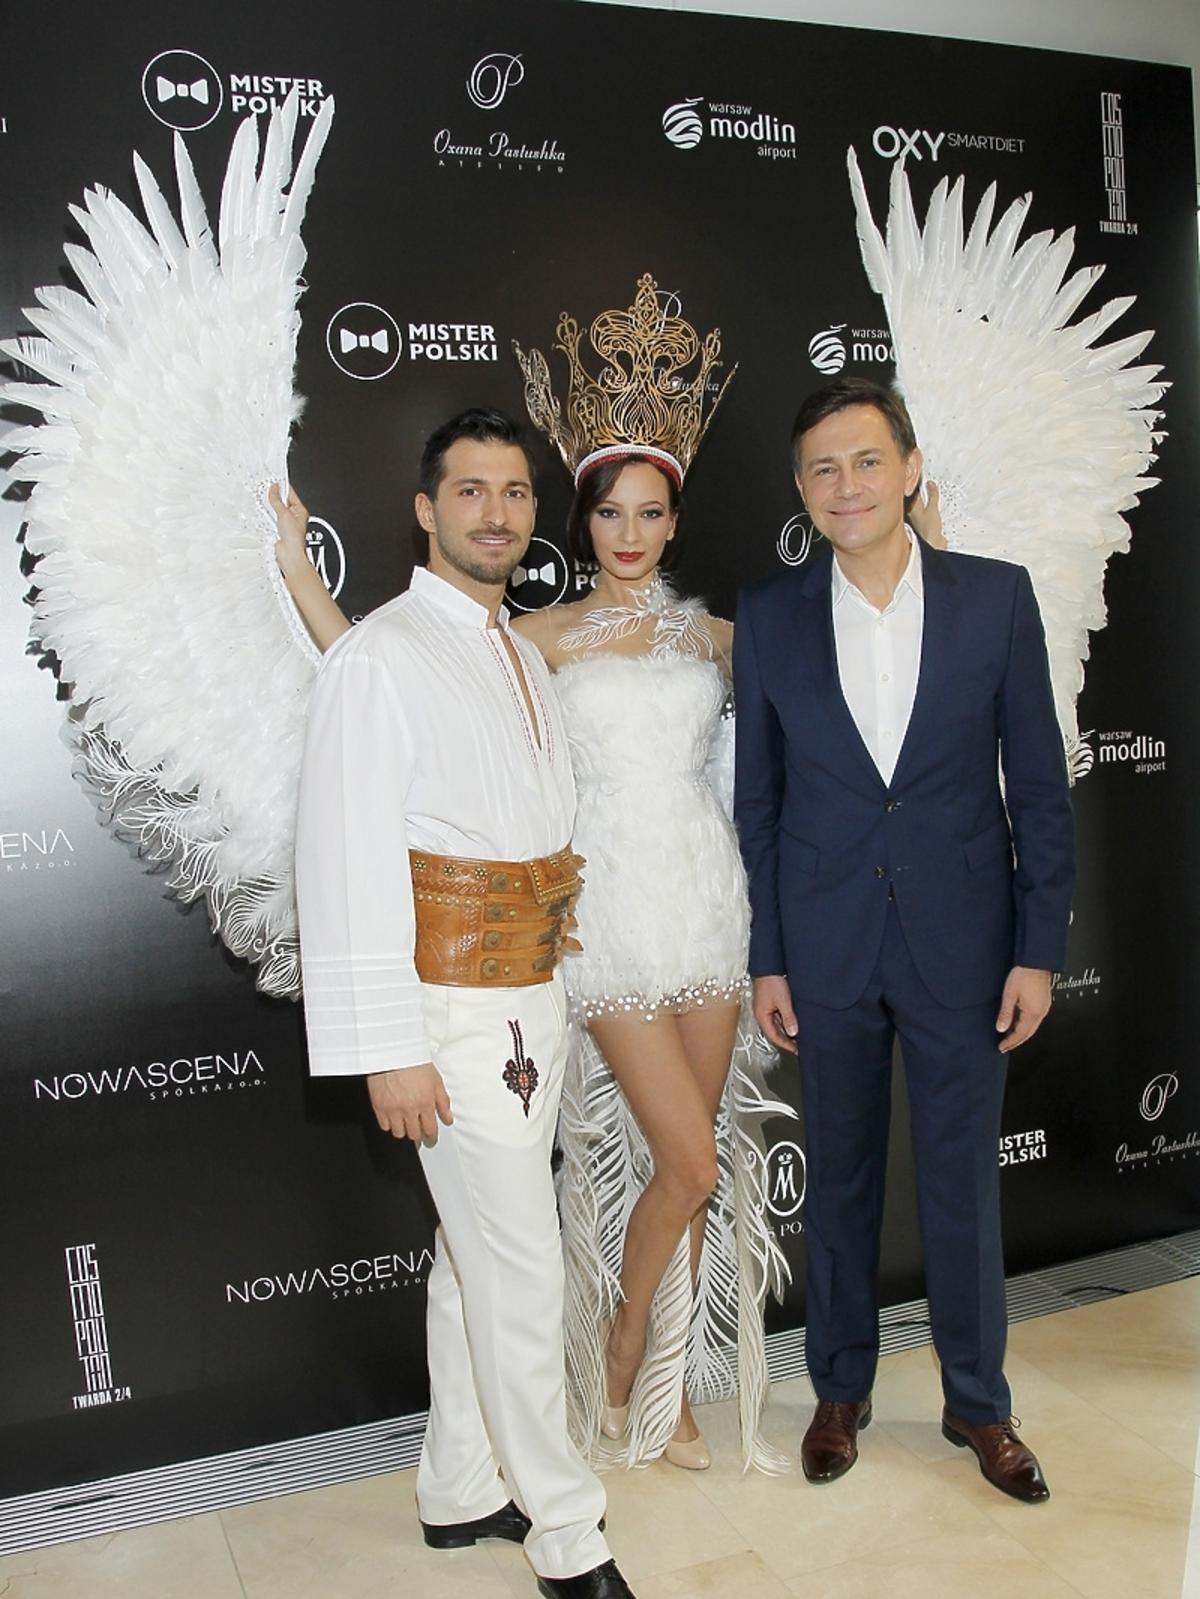 Rafał Maślak, Ada Sztajerowska i Krzysztof Ibisz na konferencji Miss i Mistera Polski